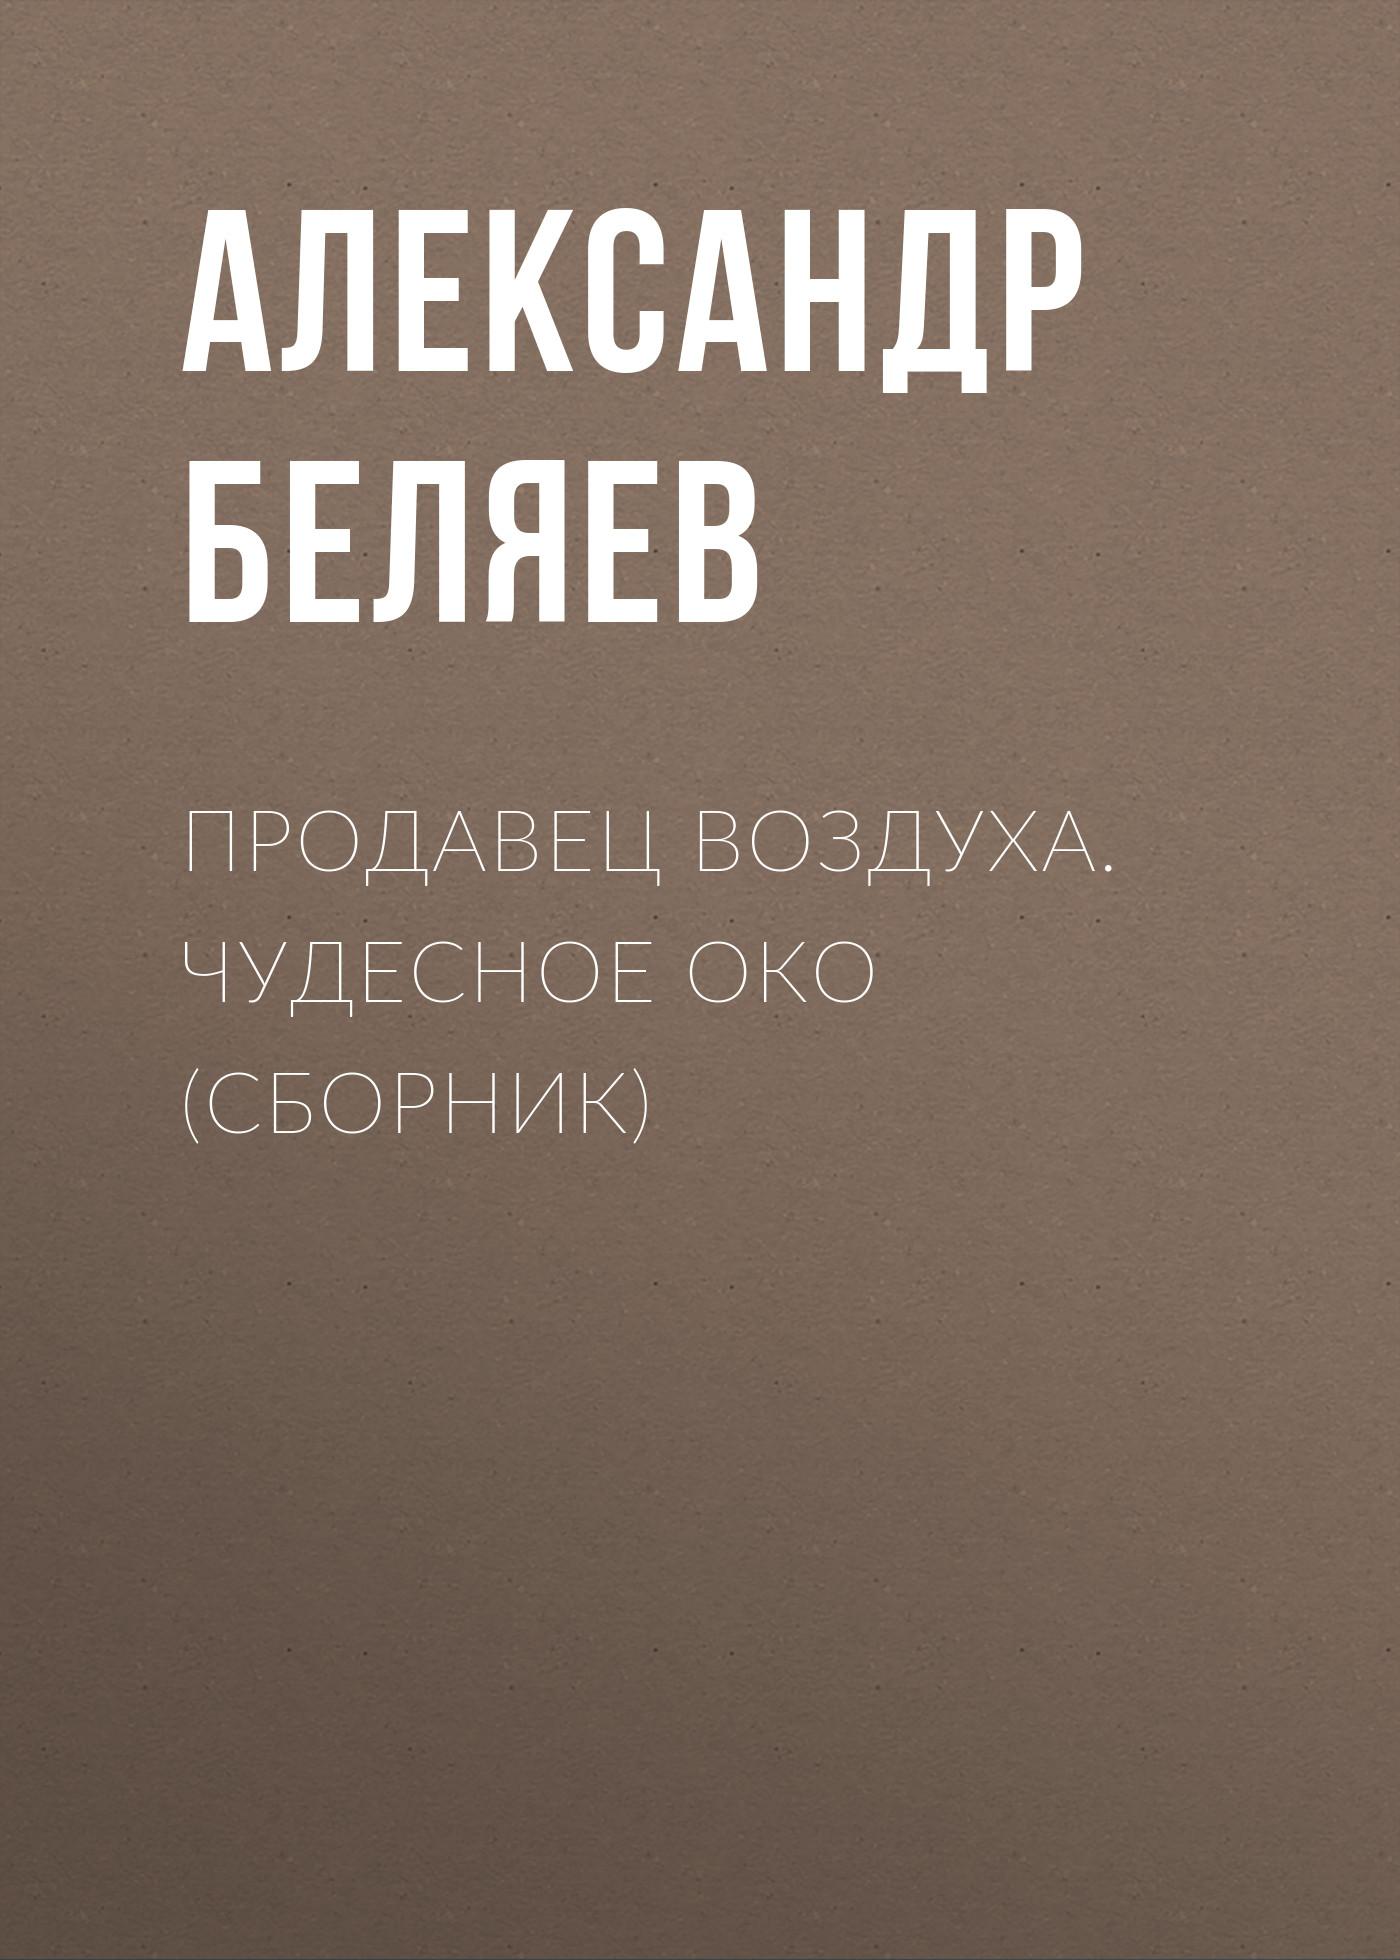 Александр Беляев Продавец воздуха. Чудесное око (сборник) беляев а продавец воздуха чудесное око